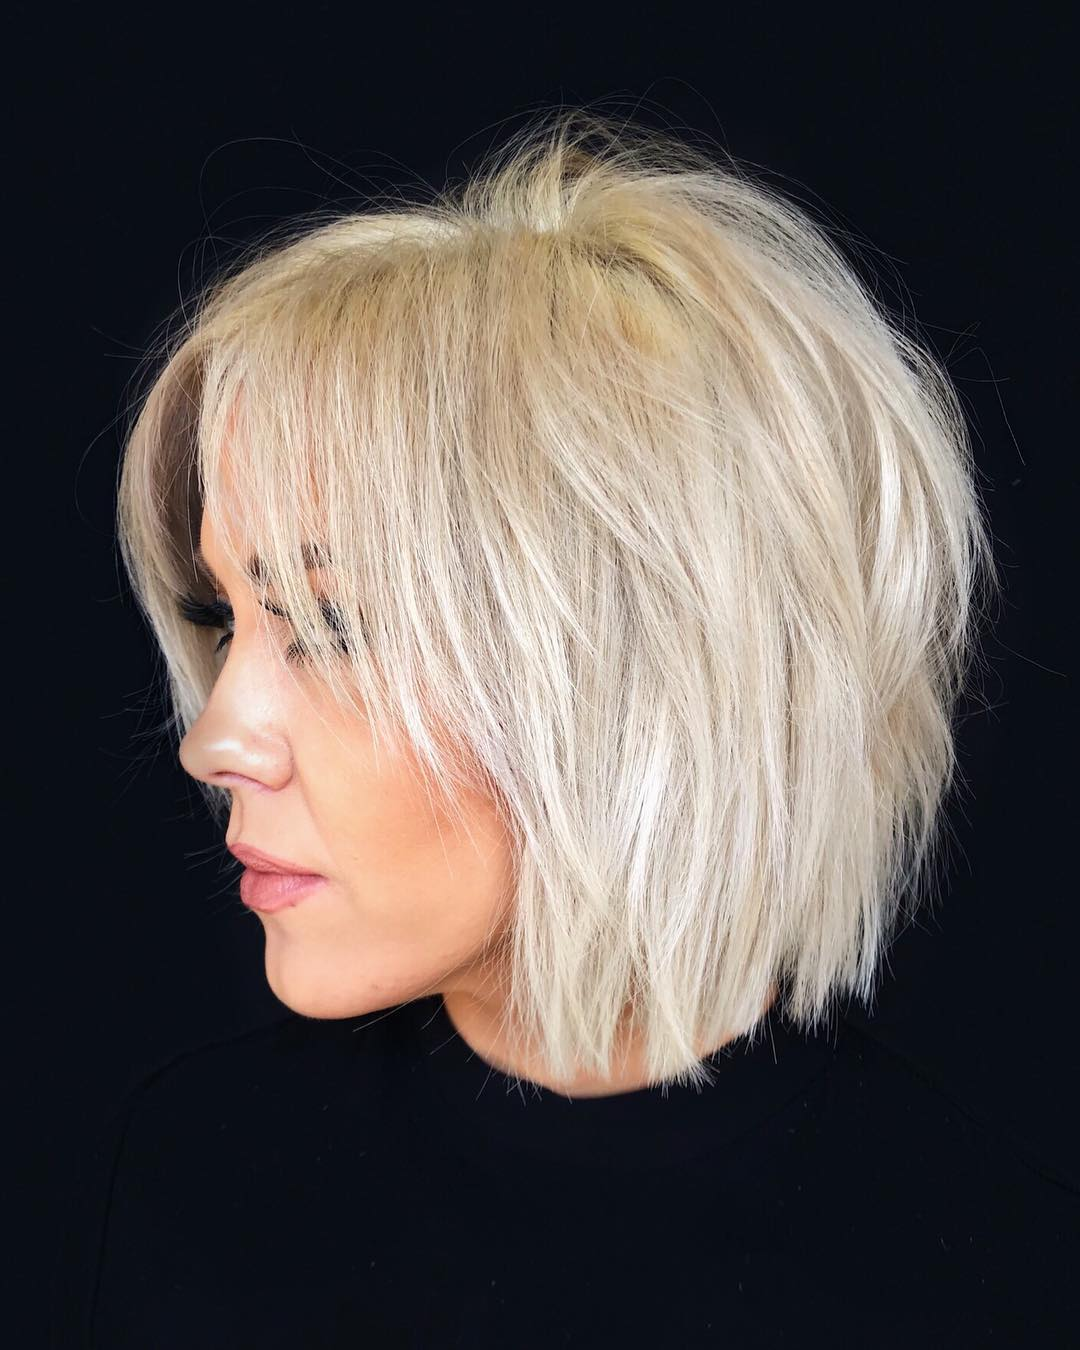 Volumizing Short Cut for Thin Hair